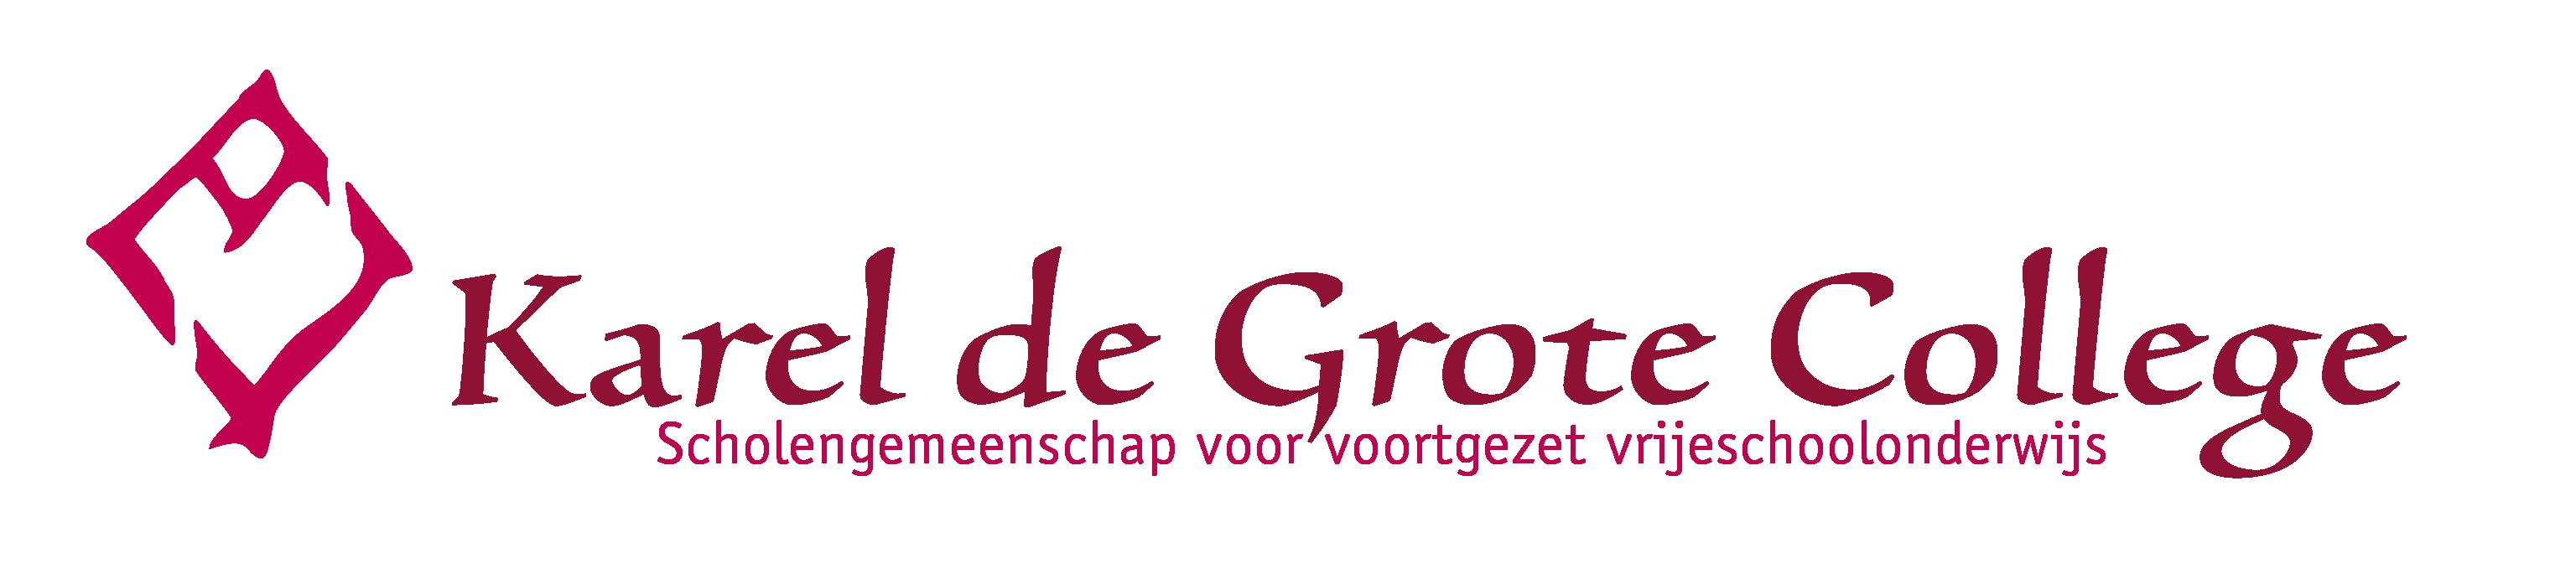 Open dag Karel de Grote College